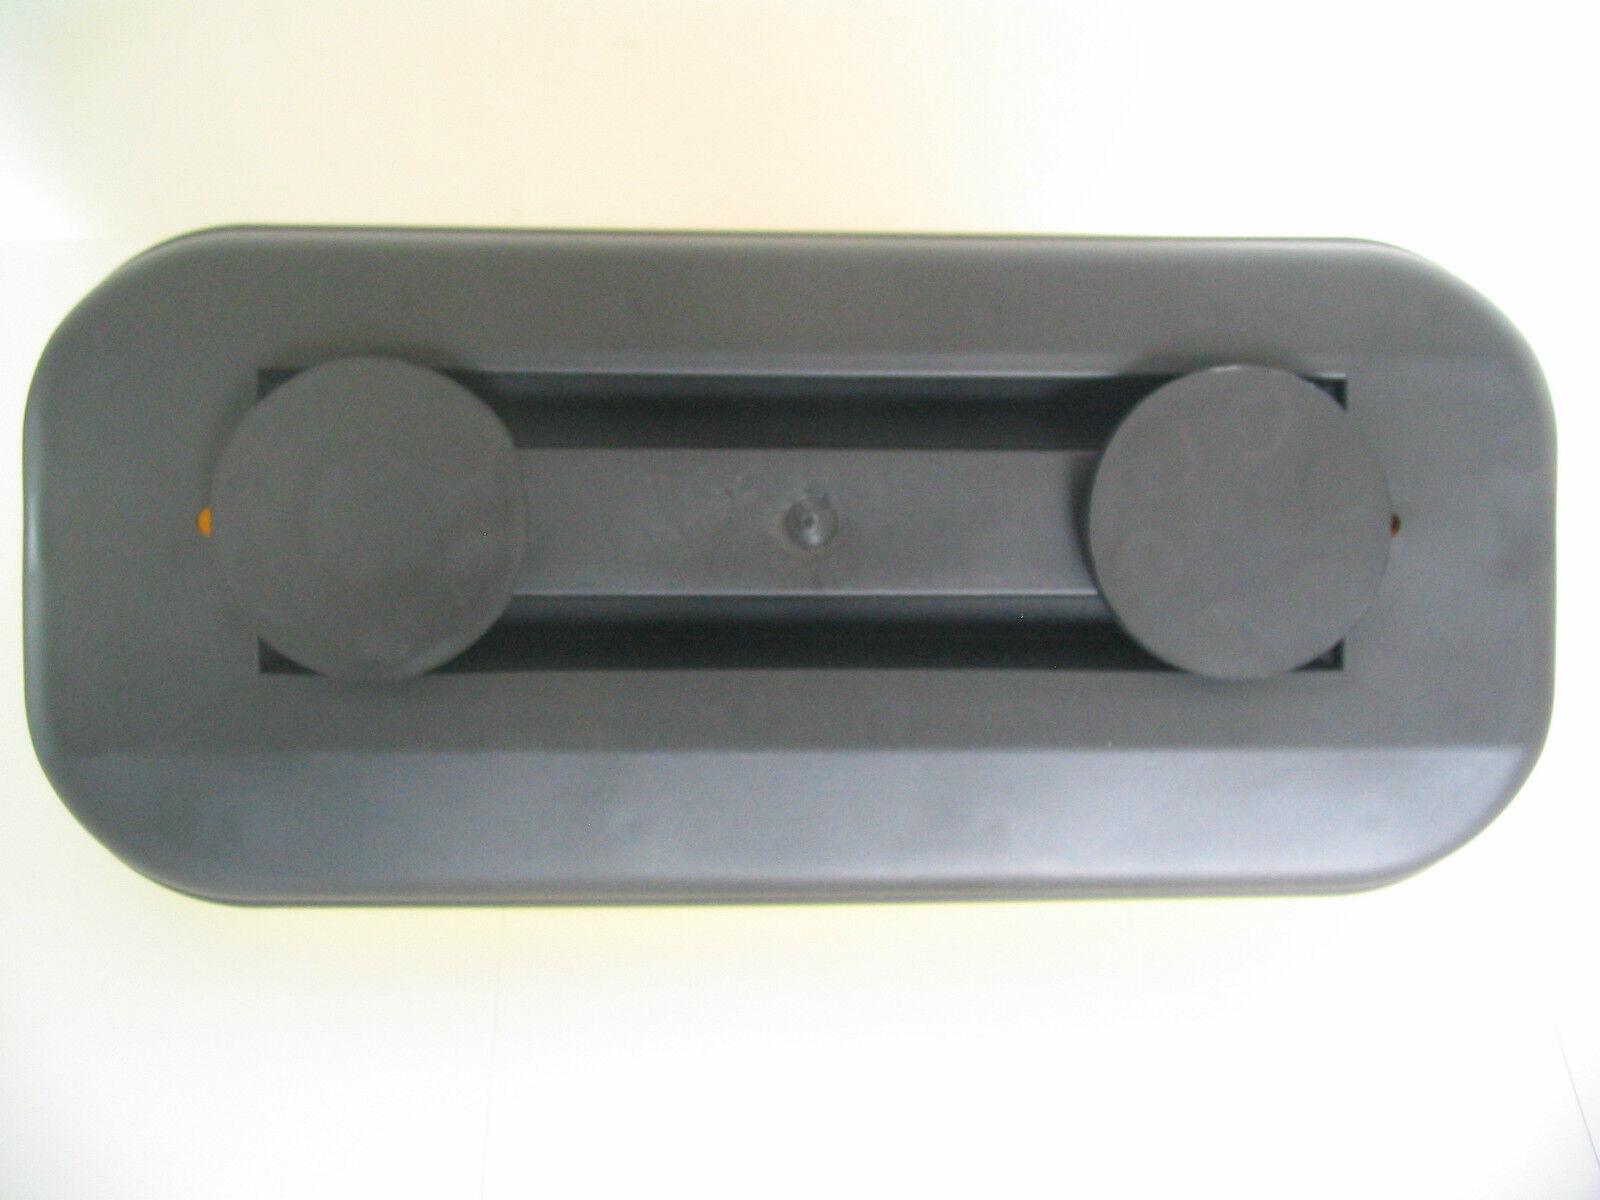 feuerwehr im einsatz starker magnet dachaufsetzer dachschild neu top eur 38 00 picclick de. Black Bedroom Furniture Sets. Home Design Ideas